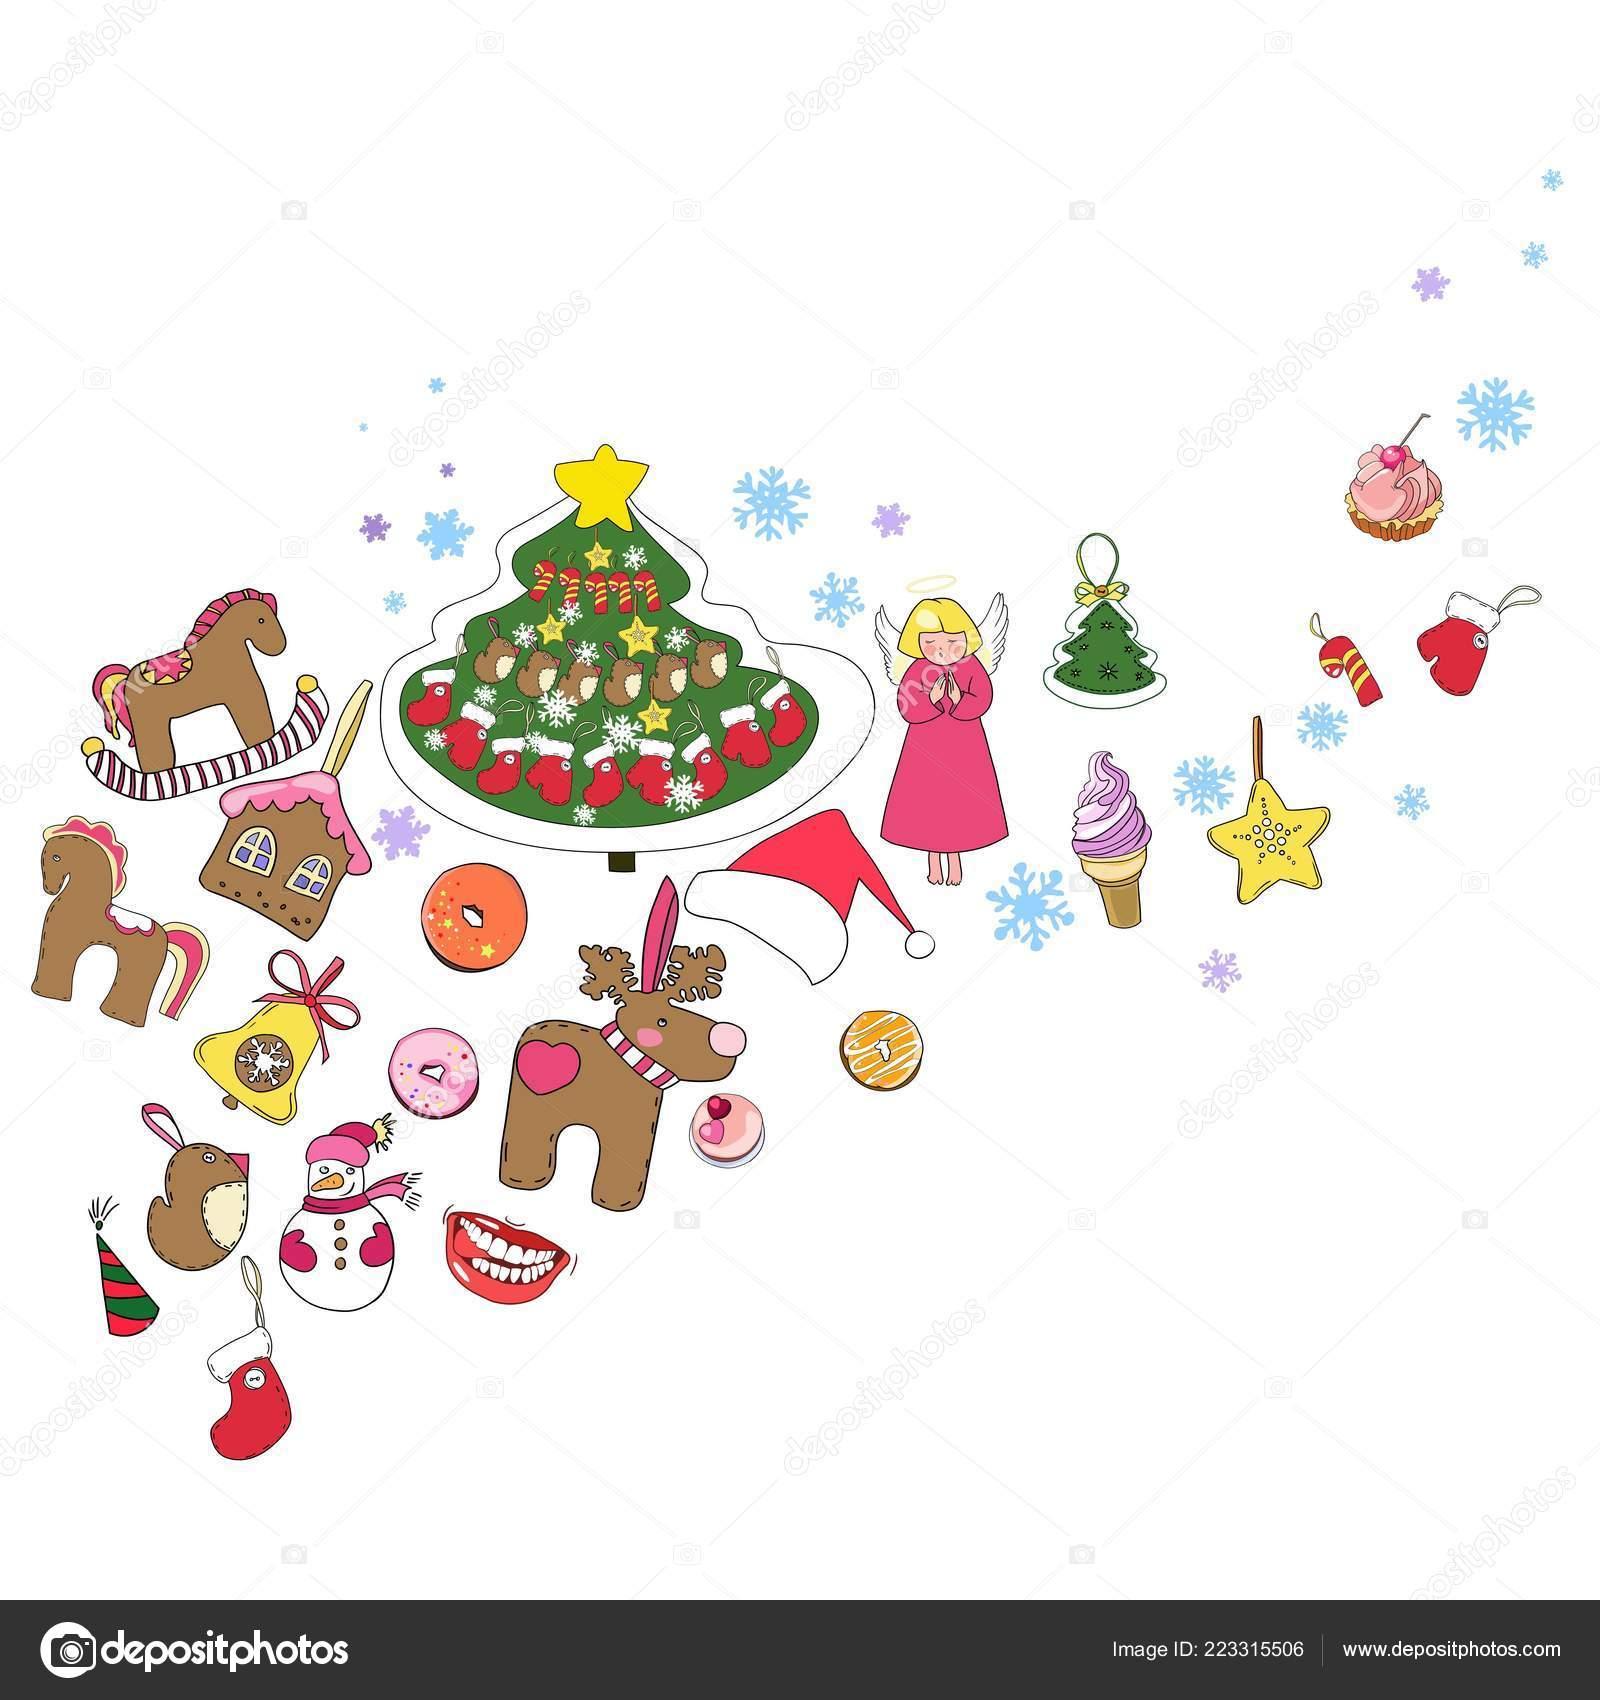 Disegni Di Natale Vettoriali.Serie Disegni Natale Capodanno Vettoriale Decorazione